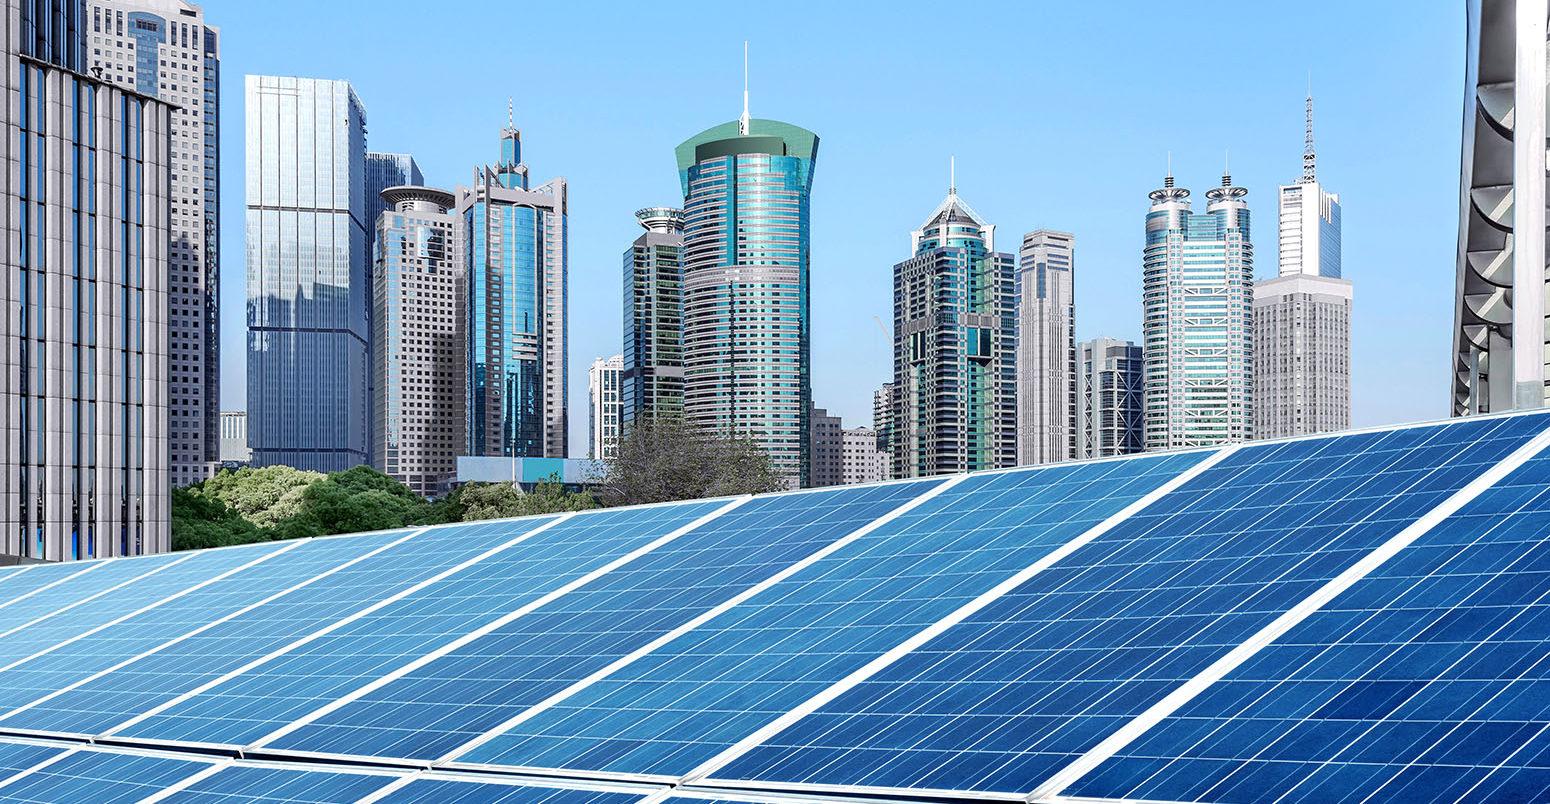 Thi công lắp đặt hệ thống năng lượng điện mặt trời tại Bình Dương